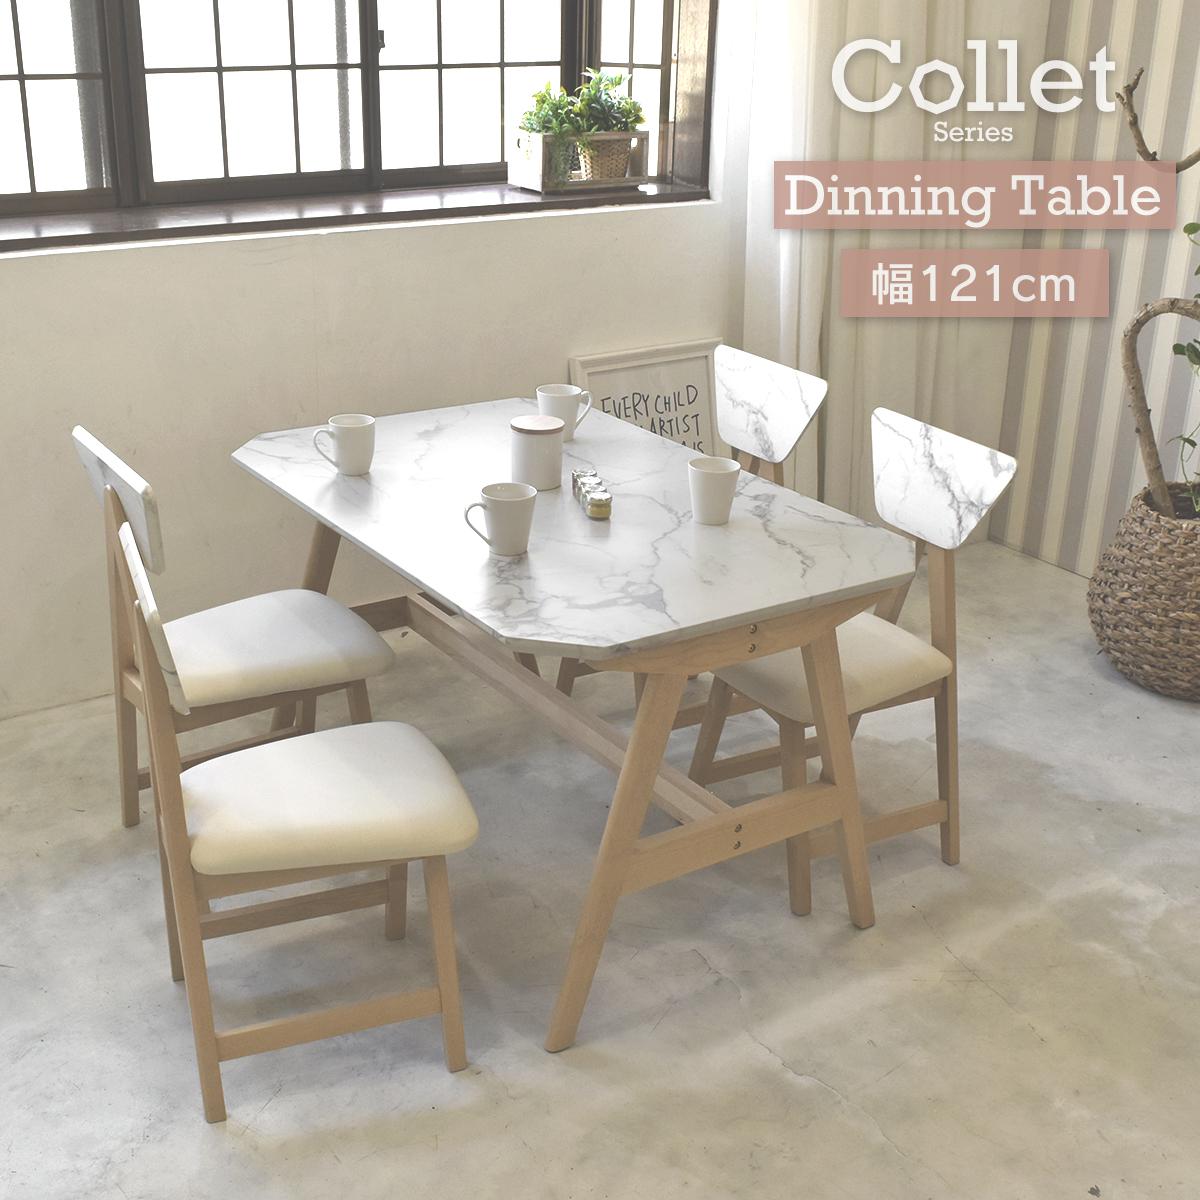 Collet ダイニングテーブル 幅121